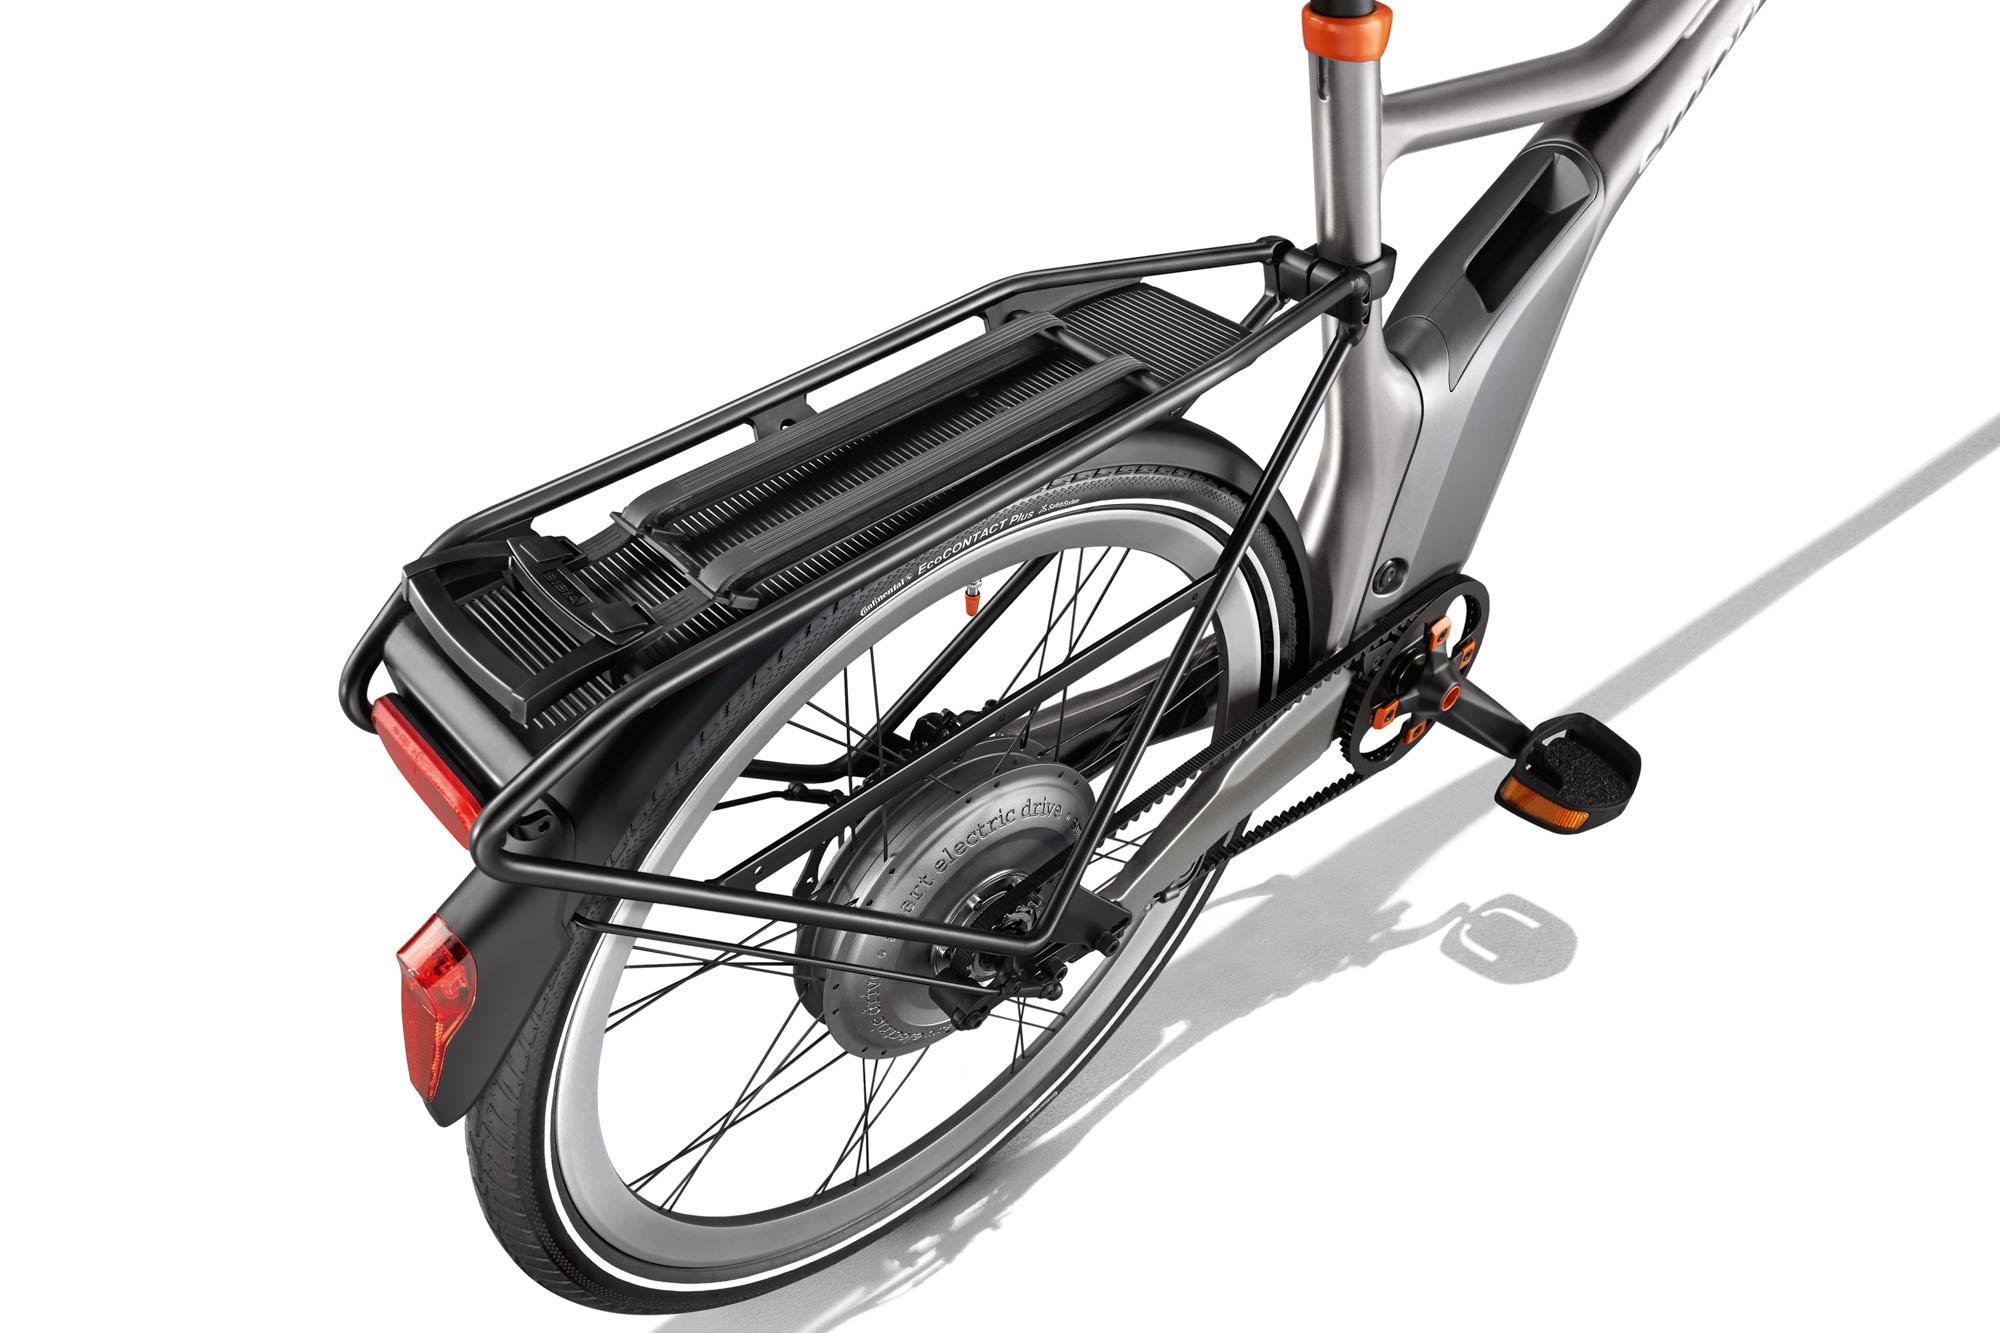 Smart_e_bike_3_4_silver_Gepaecktraeger_A